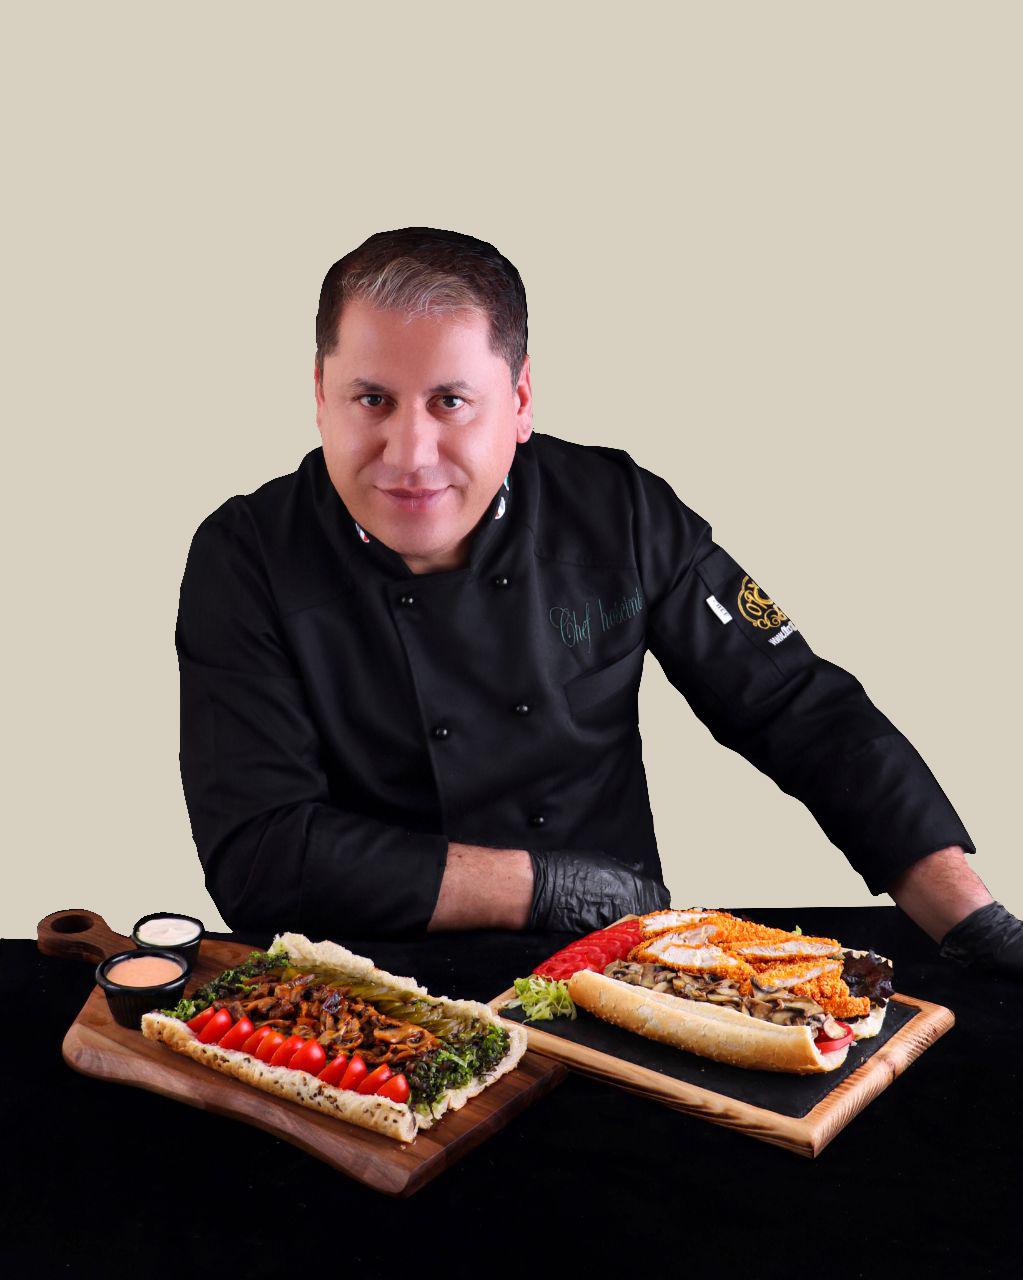 صفر تا صد فست فود راه اندازی فست فود آموزش آشپزی توسط حسام حسینی